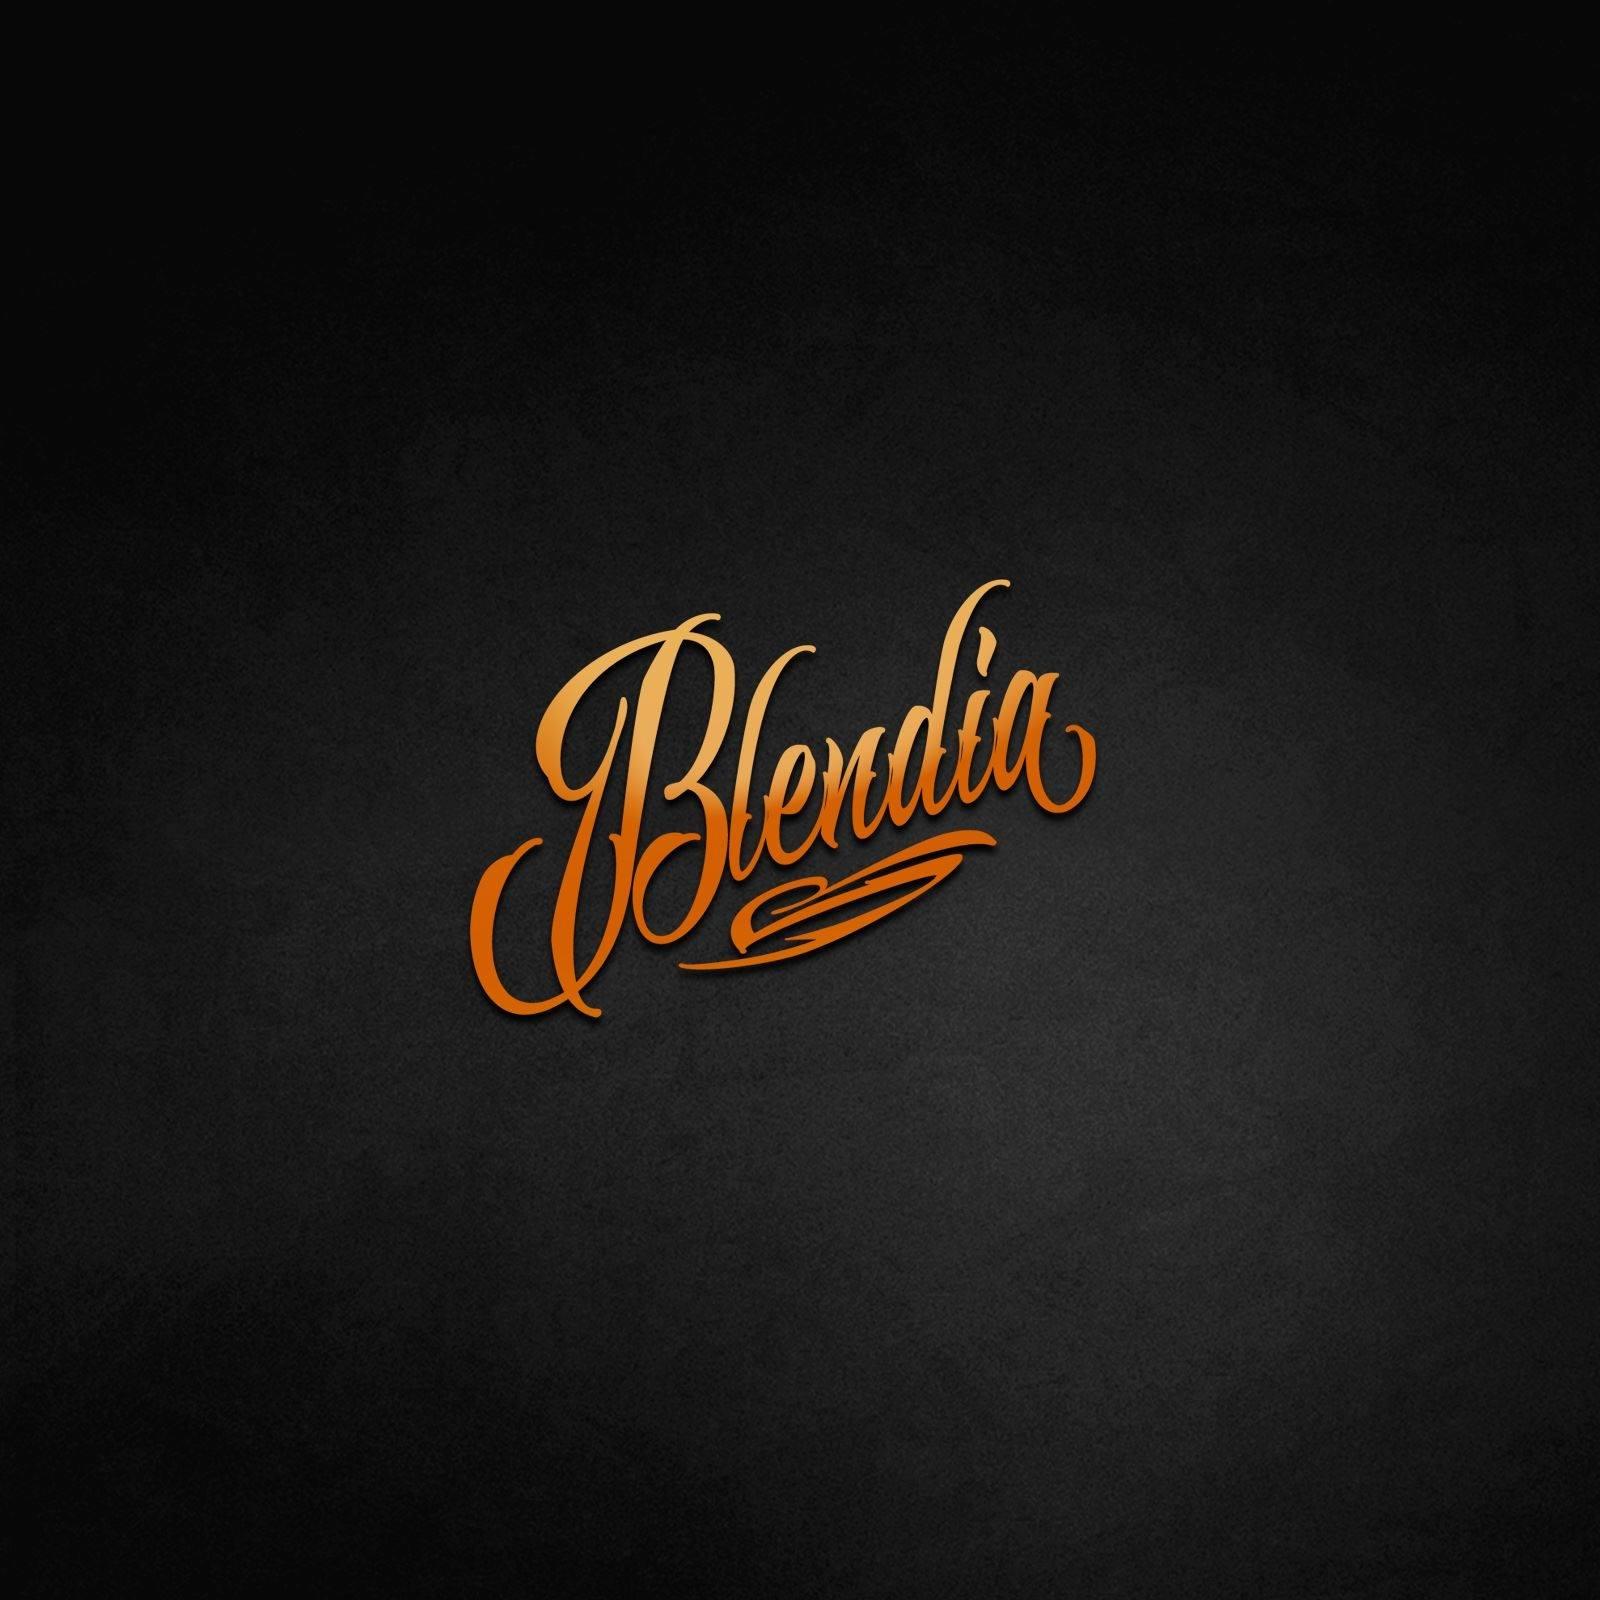 blendia